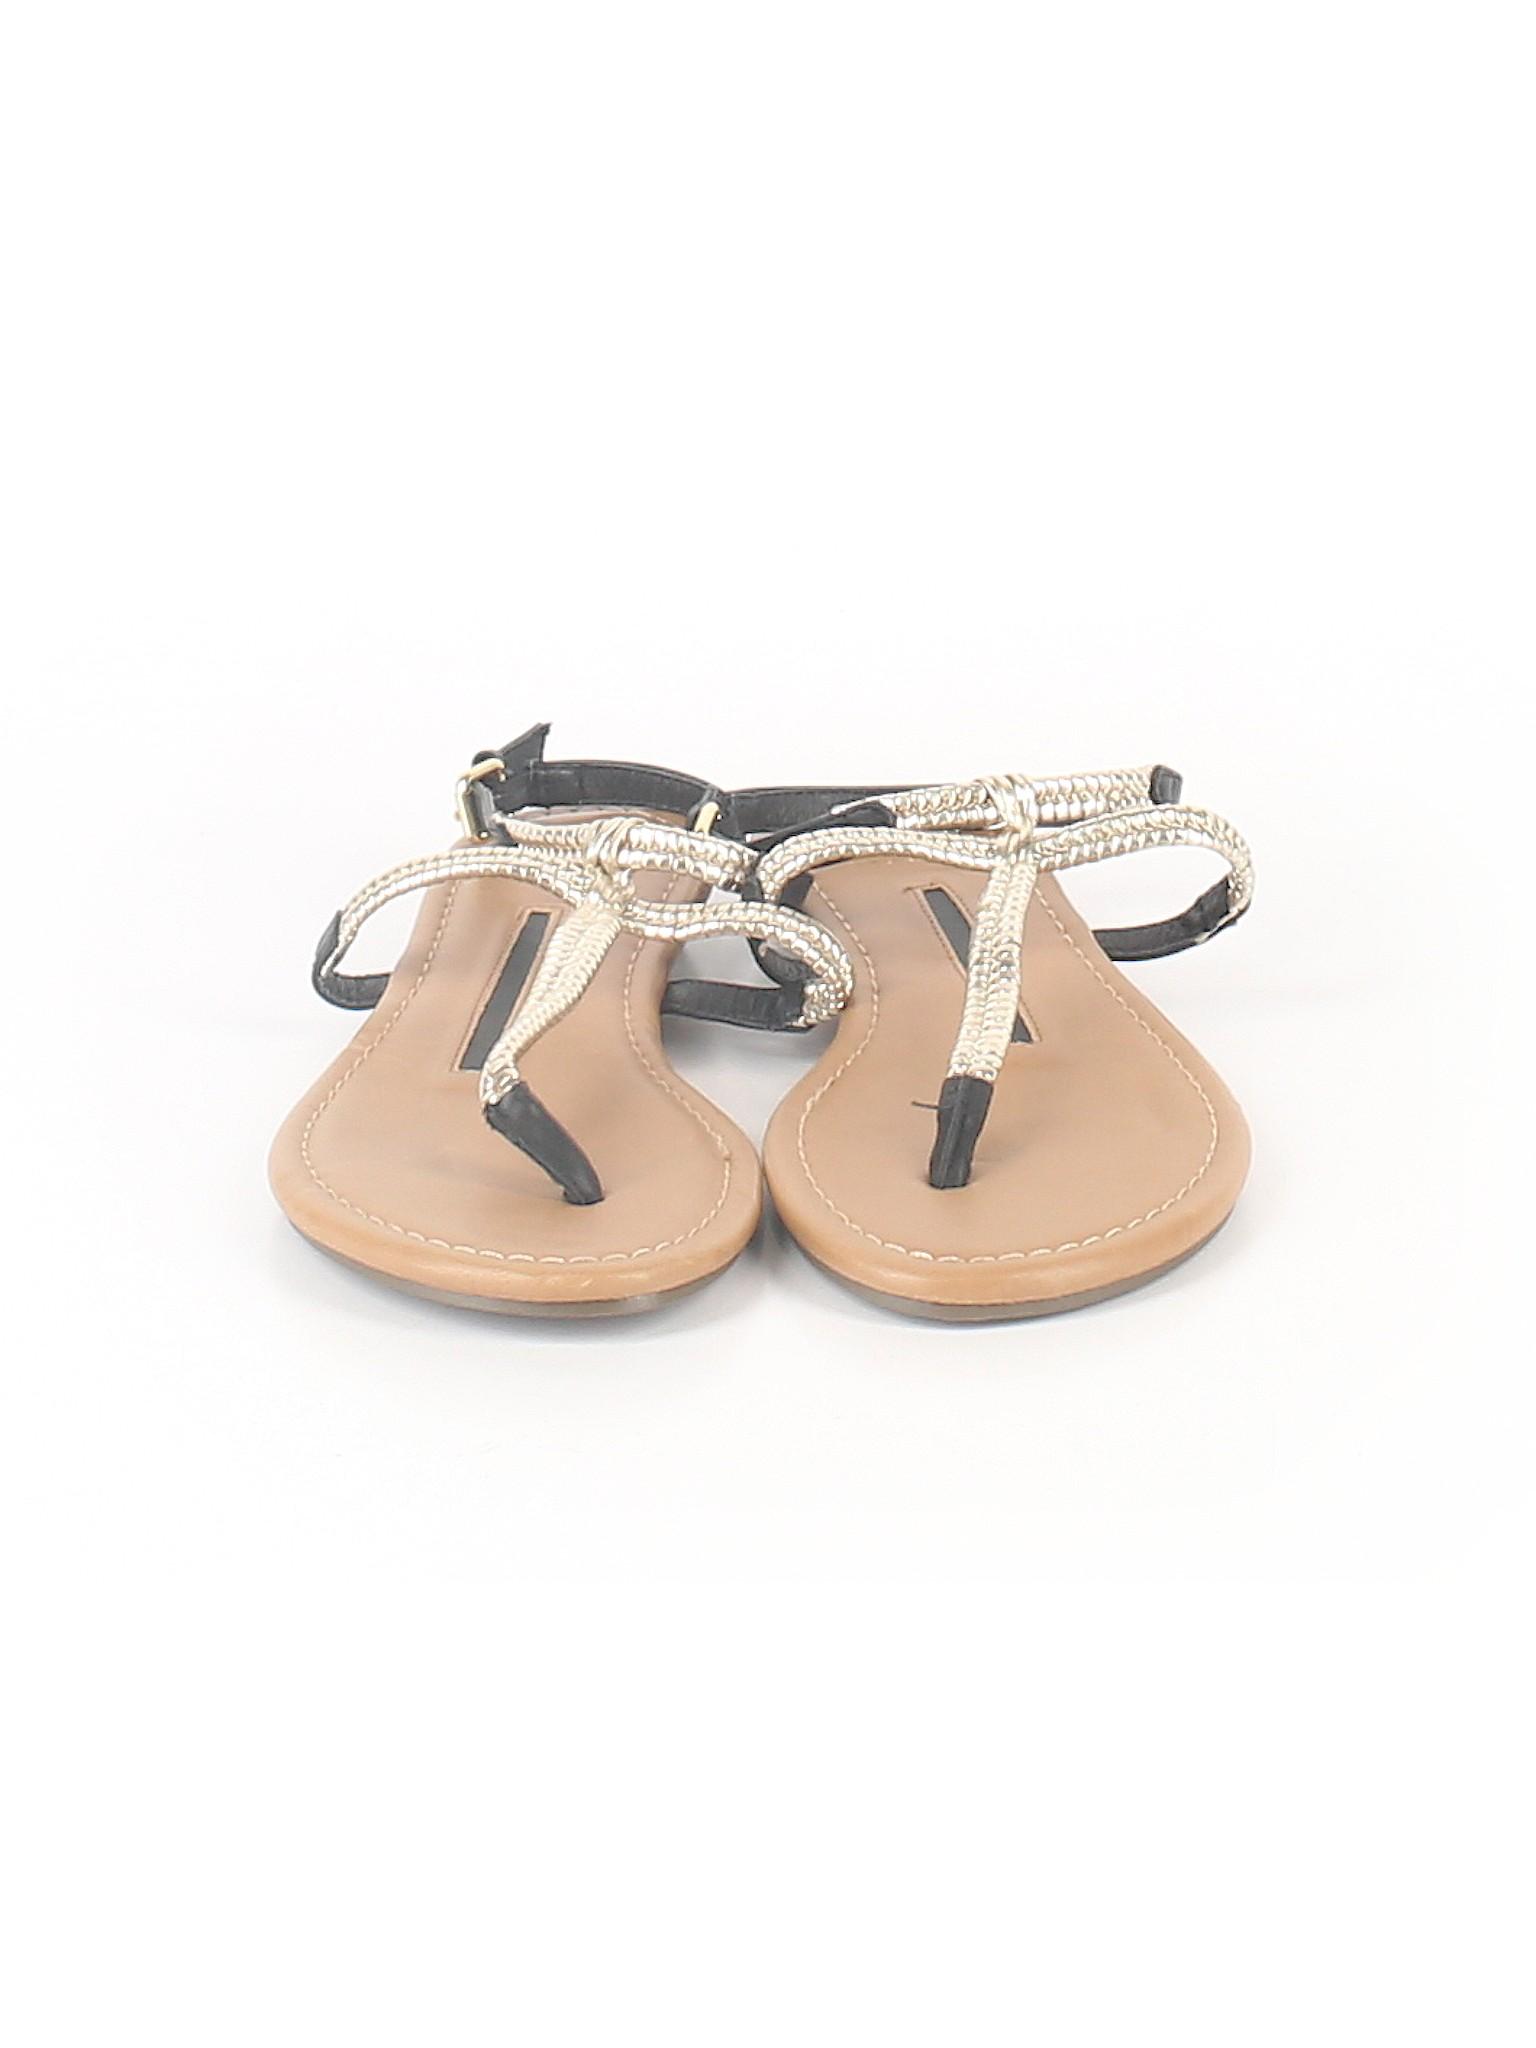 New promotion promotion Boutique Sandals Directions Boutique qZSTxp6